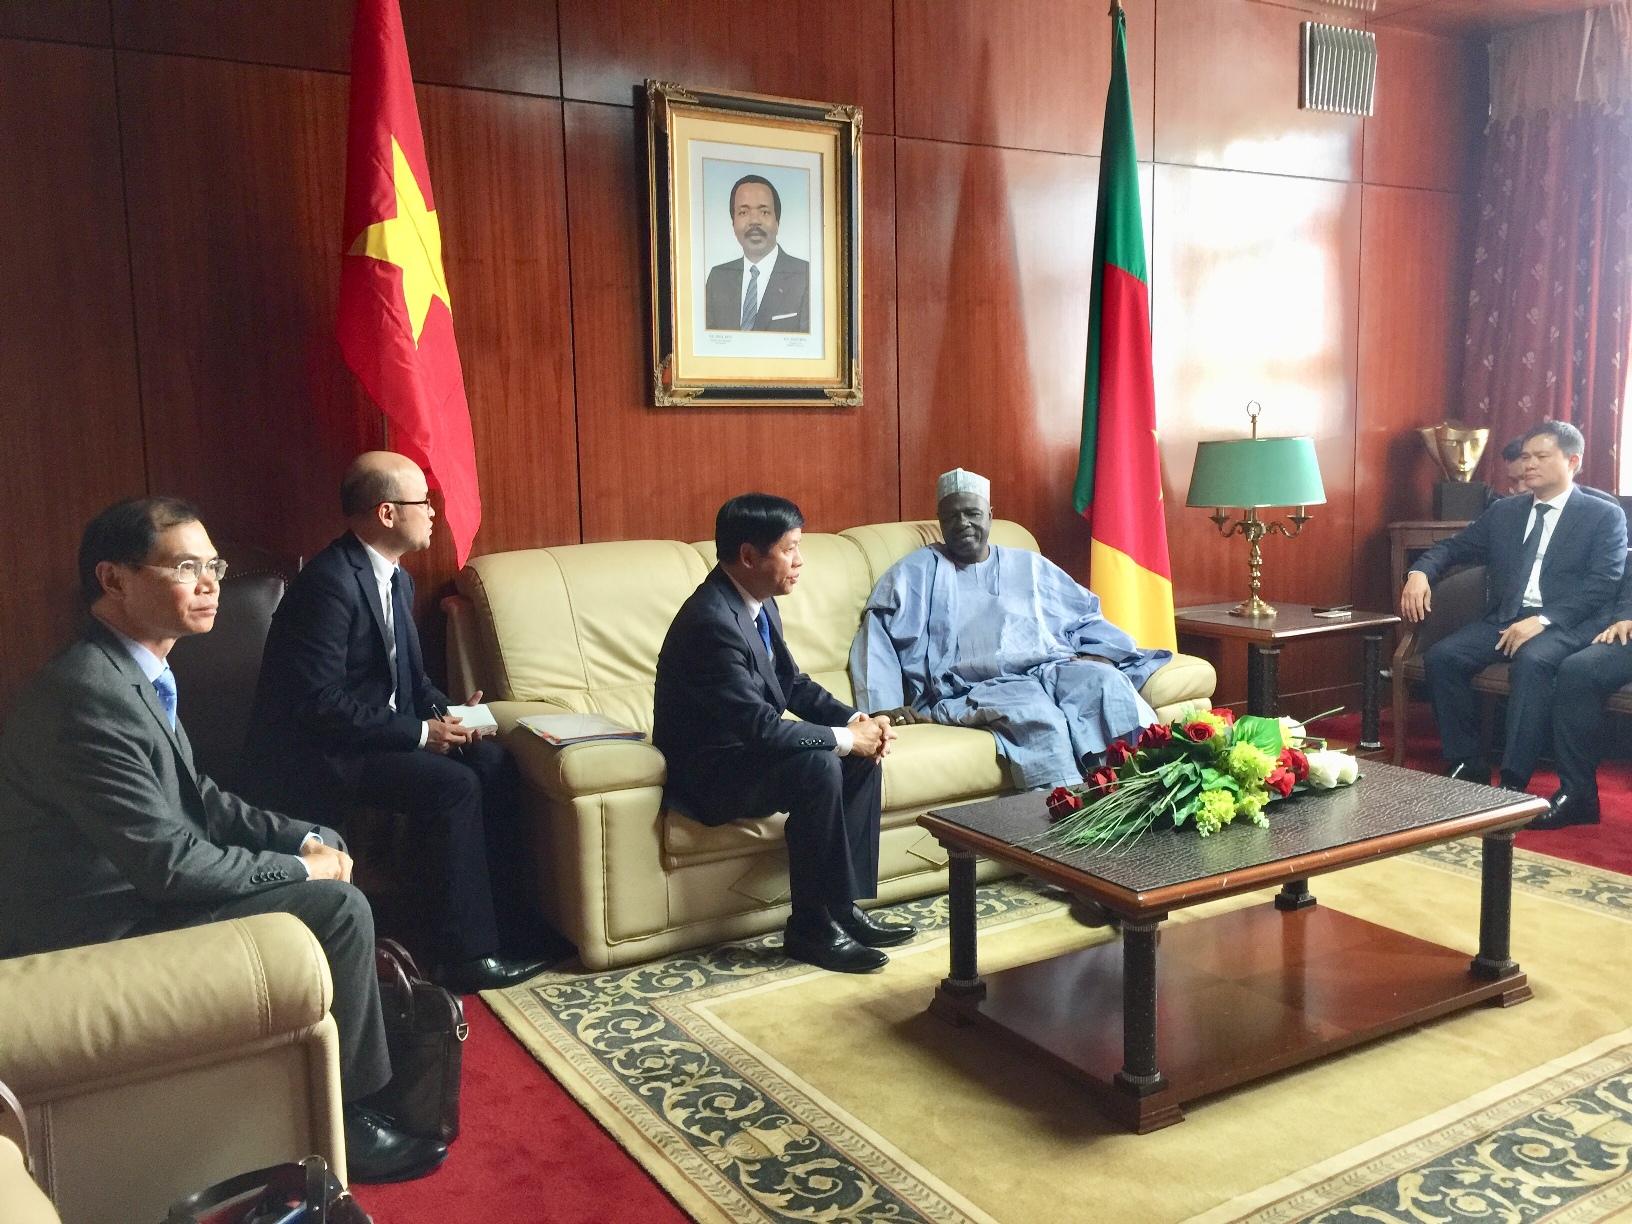 Việt Nam mong muốn phát triển hơn nữa mối quan hệ hữu nghị tốt đẹp với Cameroon